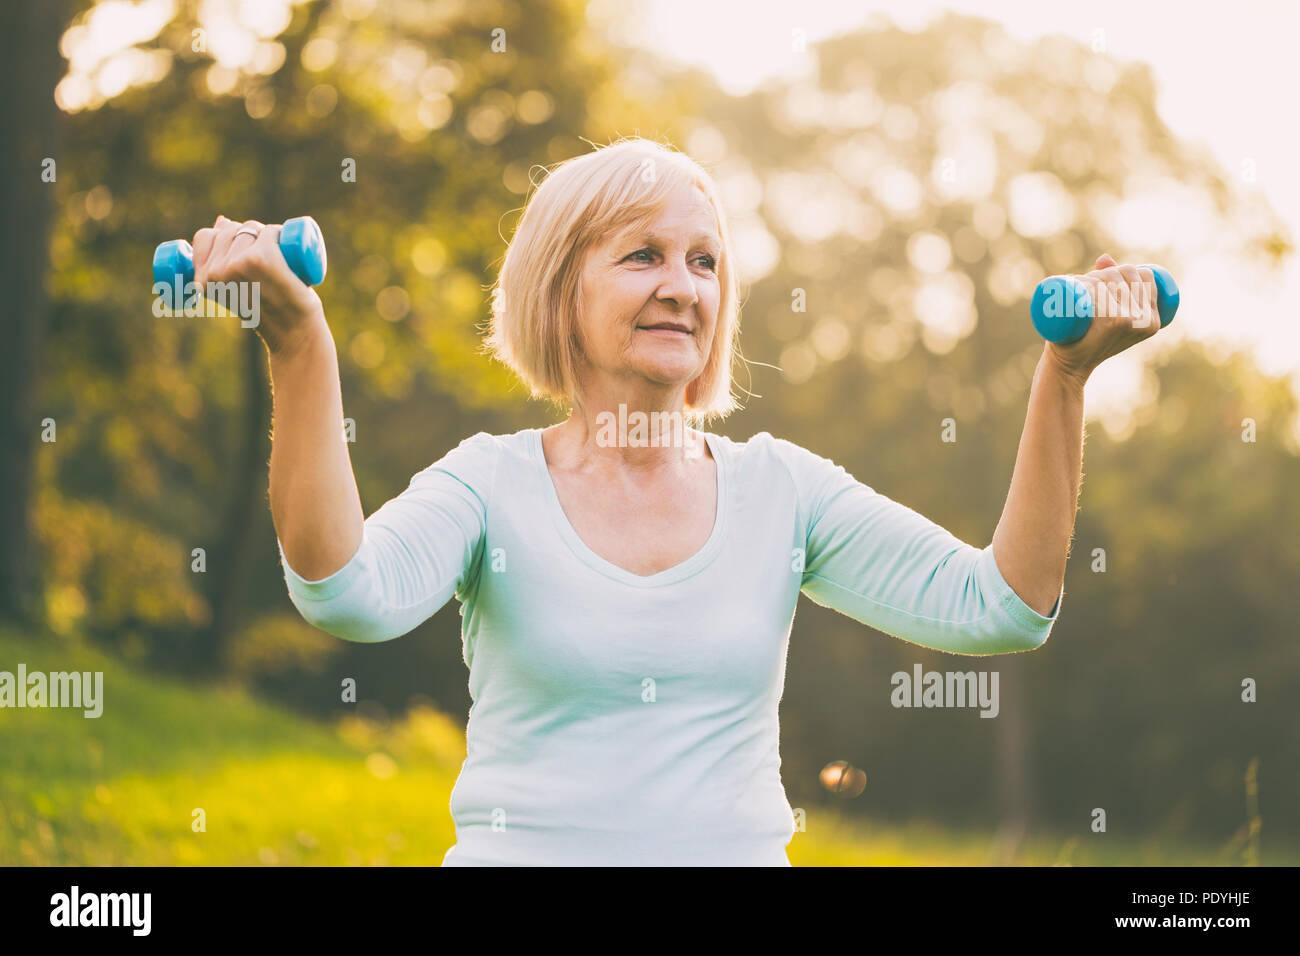 Mujer senior deportivo el ejercicio con pesas outdoor.Imagen es intencionalmente tonificado. Foto de stock